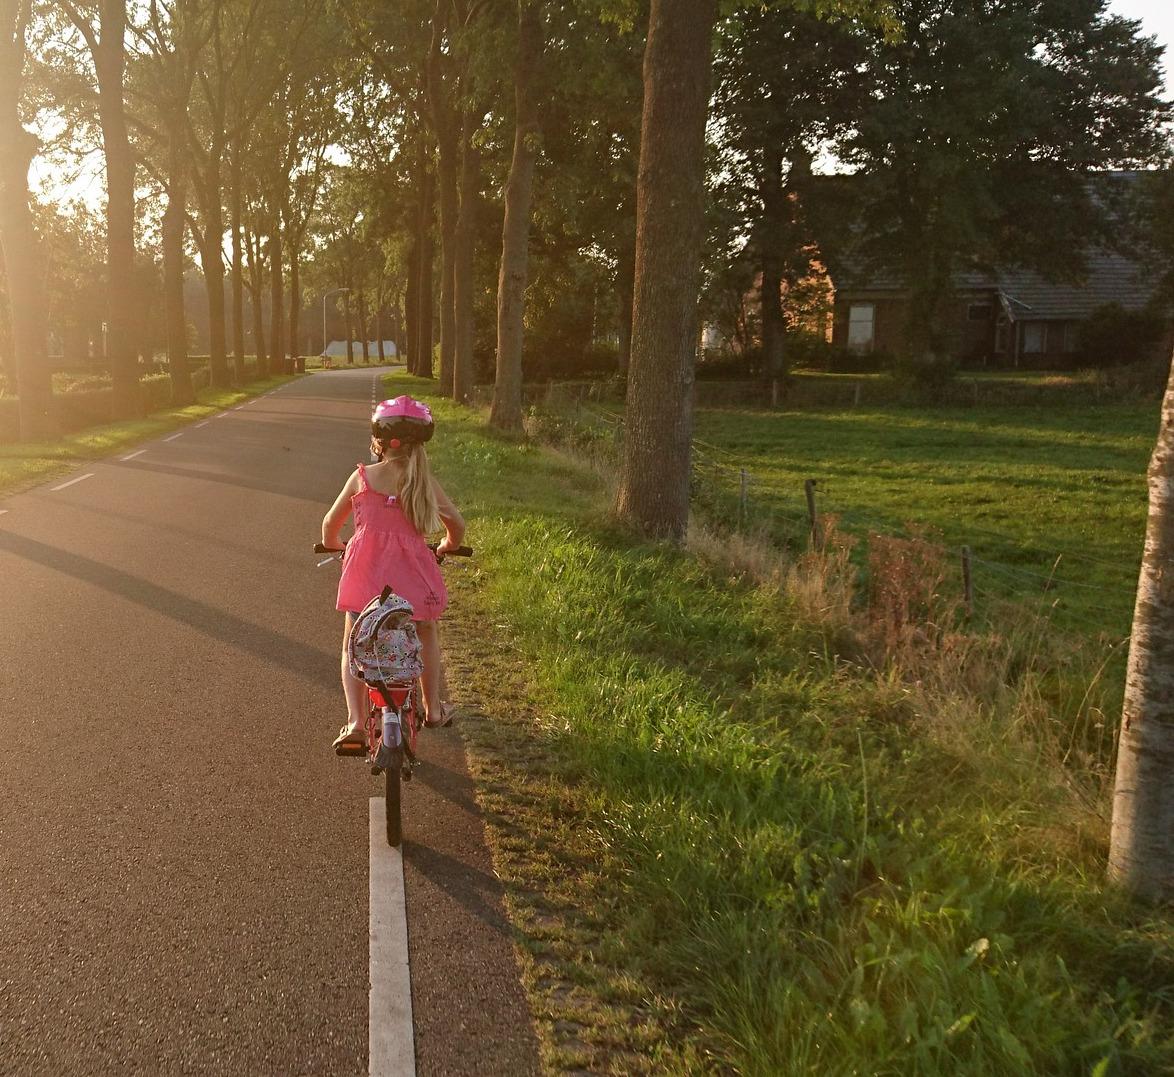 Kind auf Fahrrad auf dem Weg zur Schule im Straßenverkehr